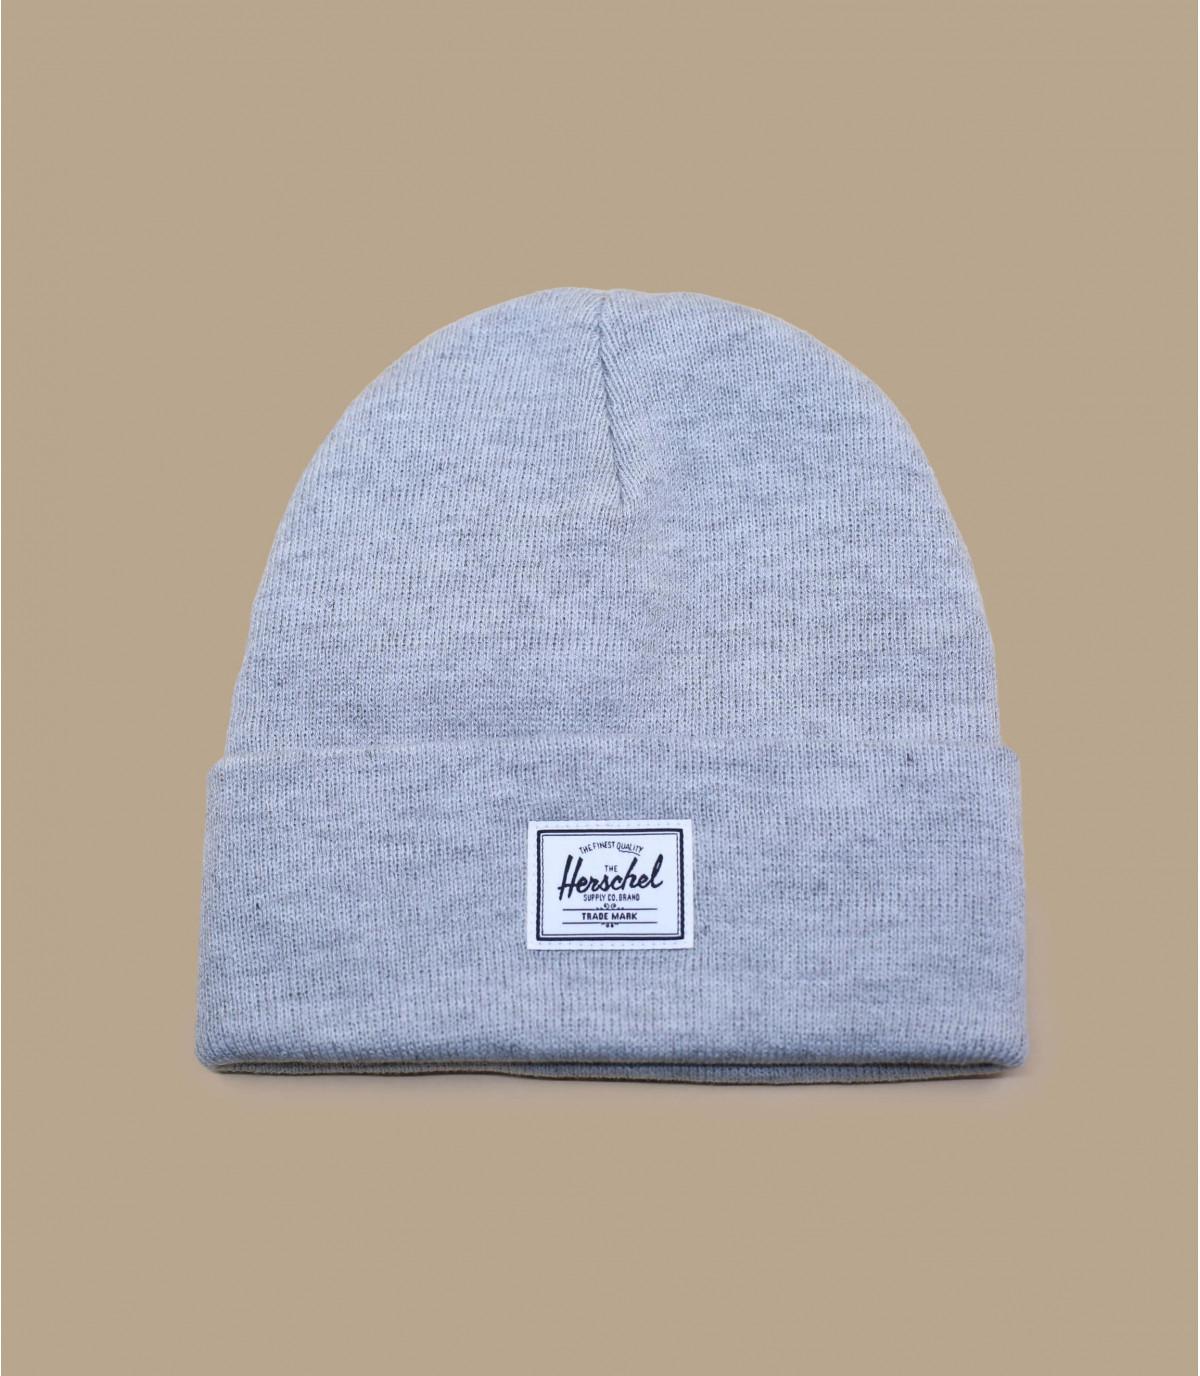 Herschel grijs gespikkeld cap